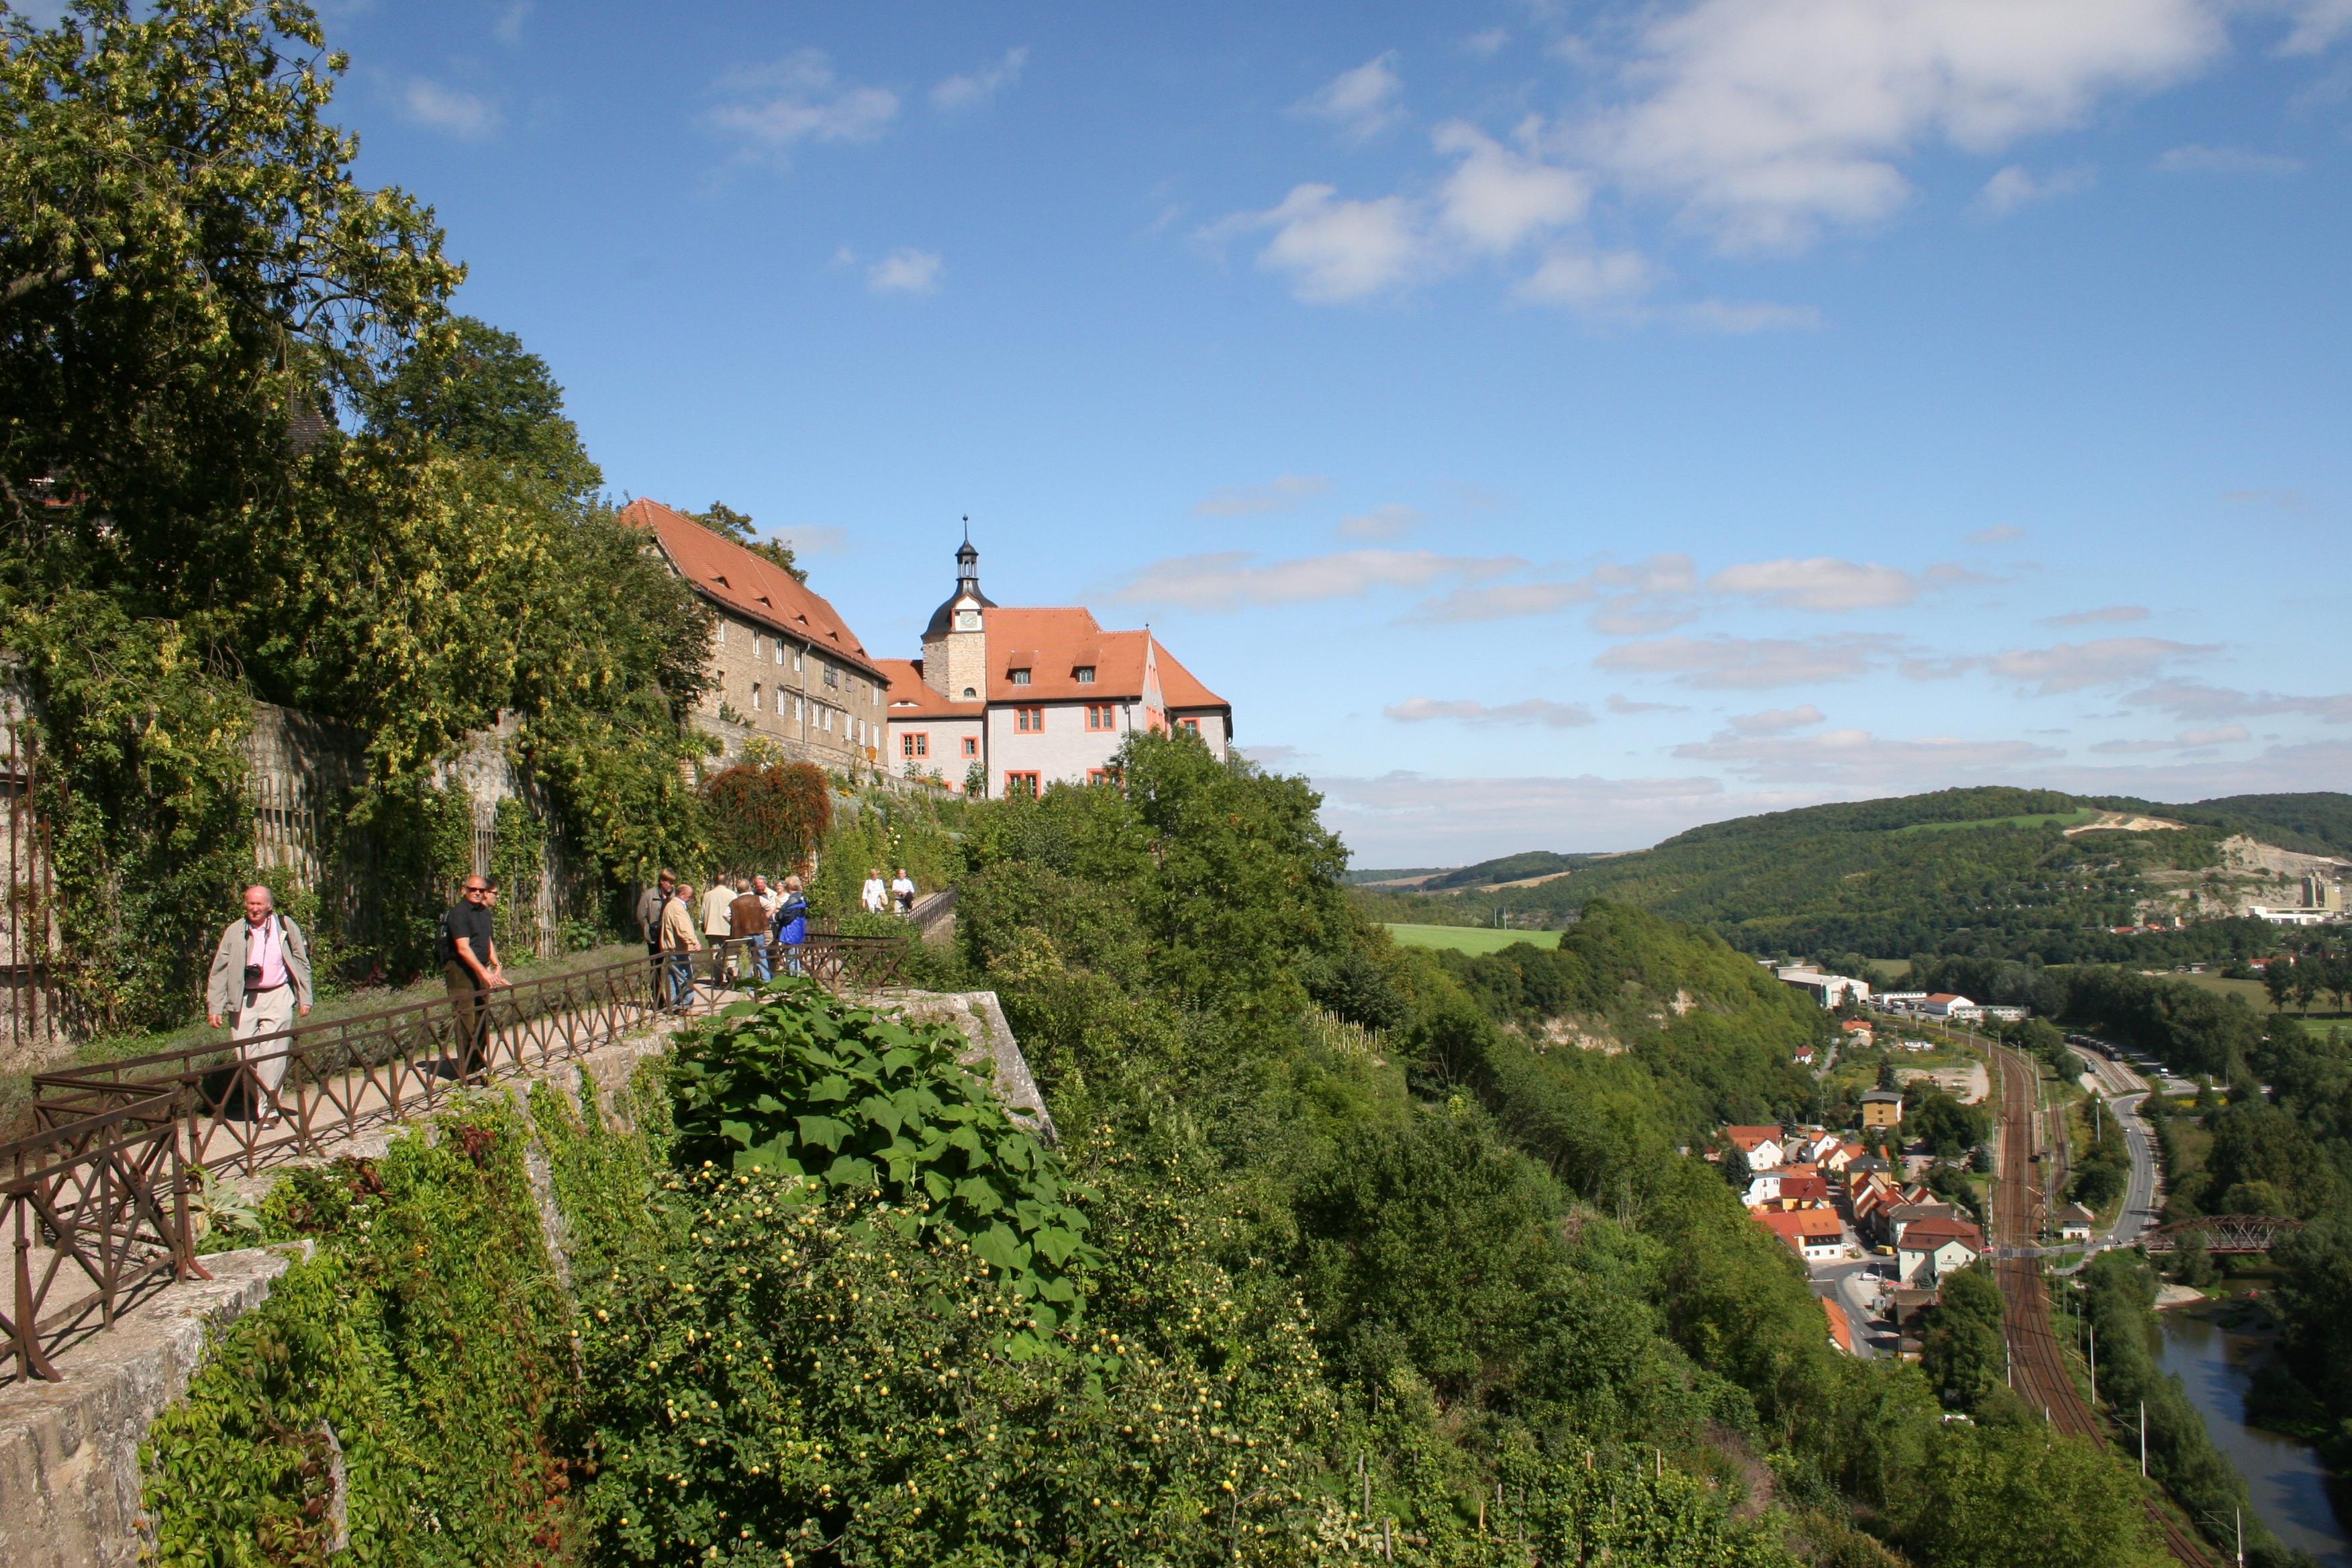 Links die Dornburger Schlösser mit Gästen, rechts Blick ins Tal